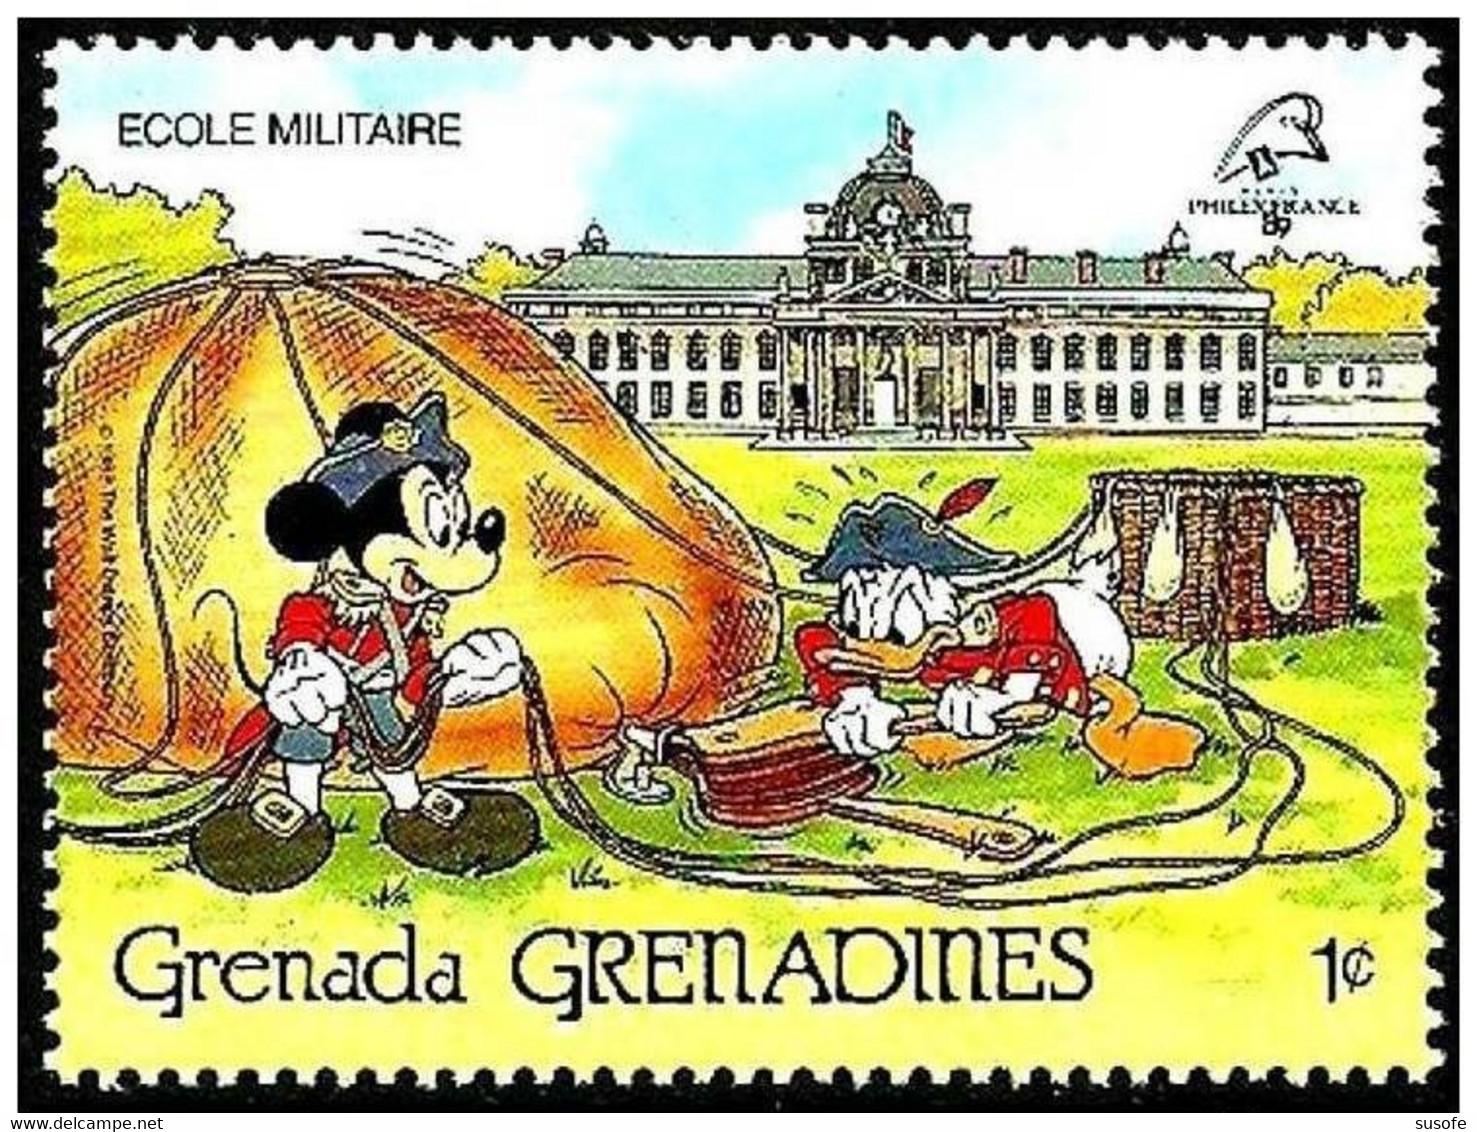 Granada Granadinas 1989 Scott 1057 Sello ** Walt Disney Escuela Militar Paris Mickey Y Donald 1c Grenada Grenadines - Disney